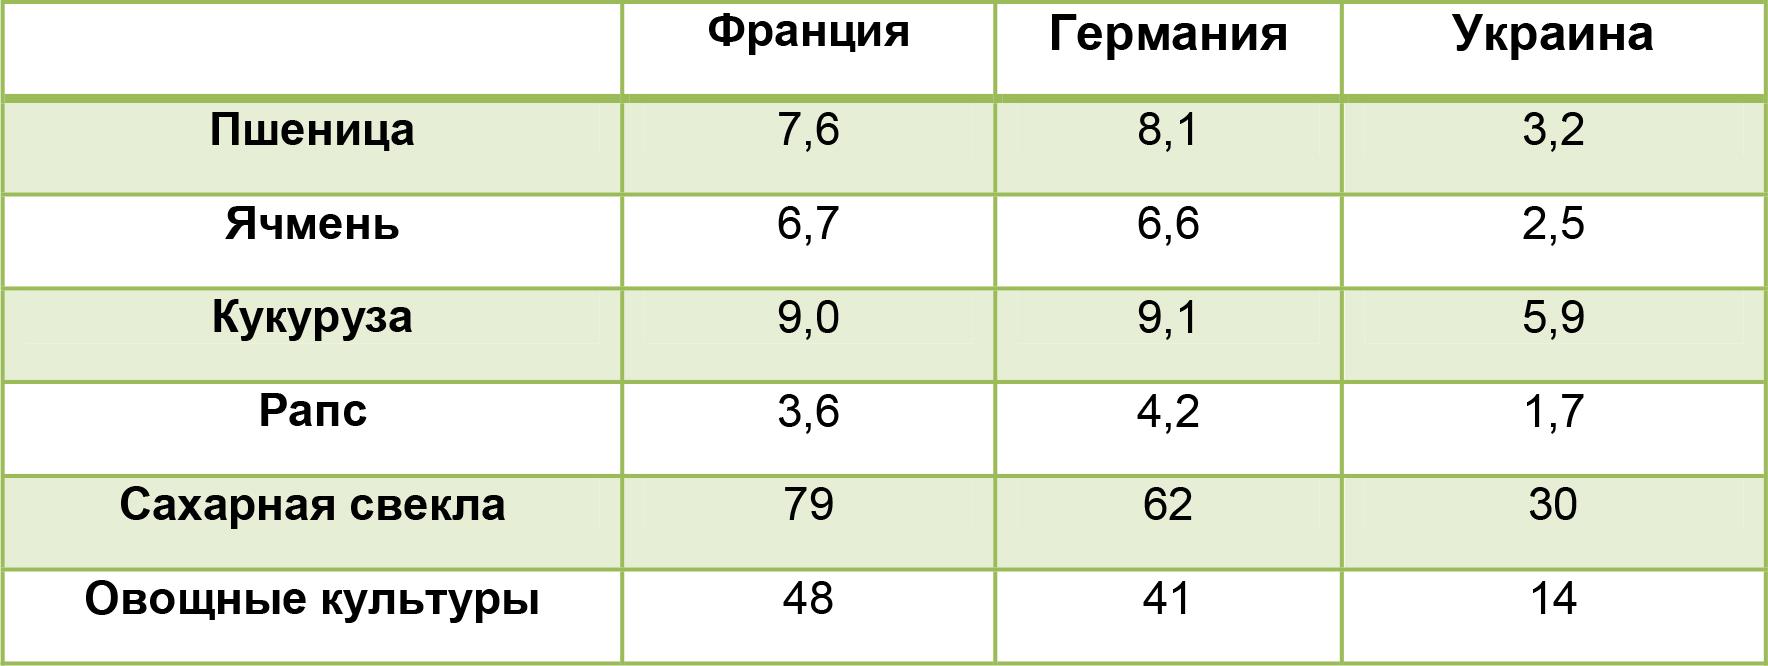 Средняя урожайность культур, т/га